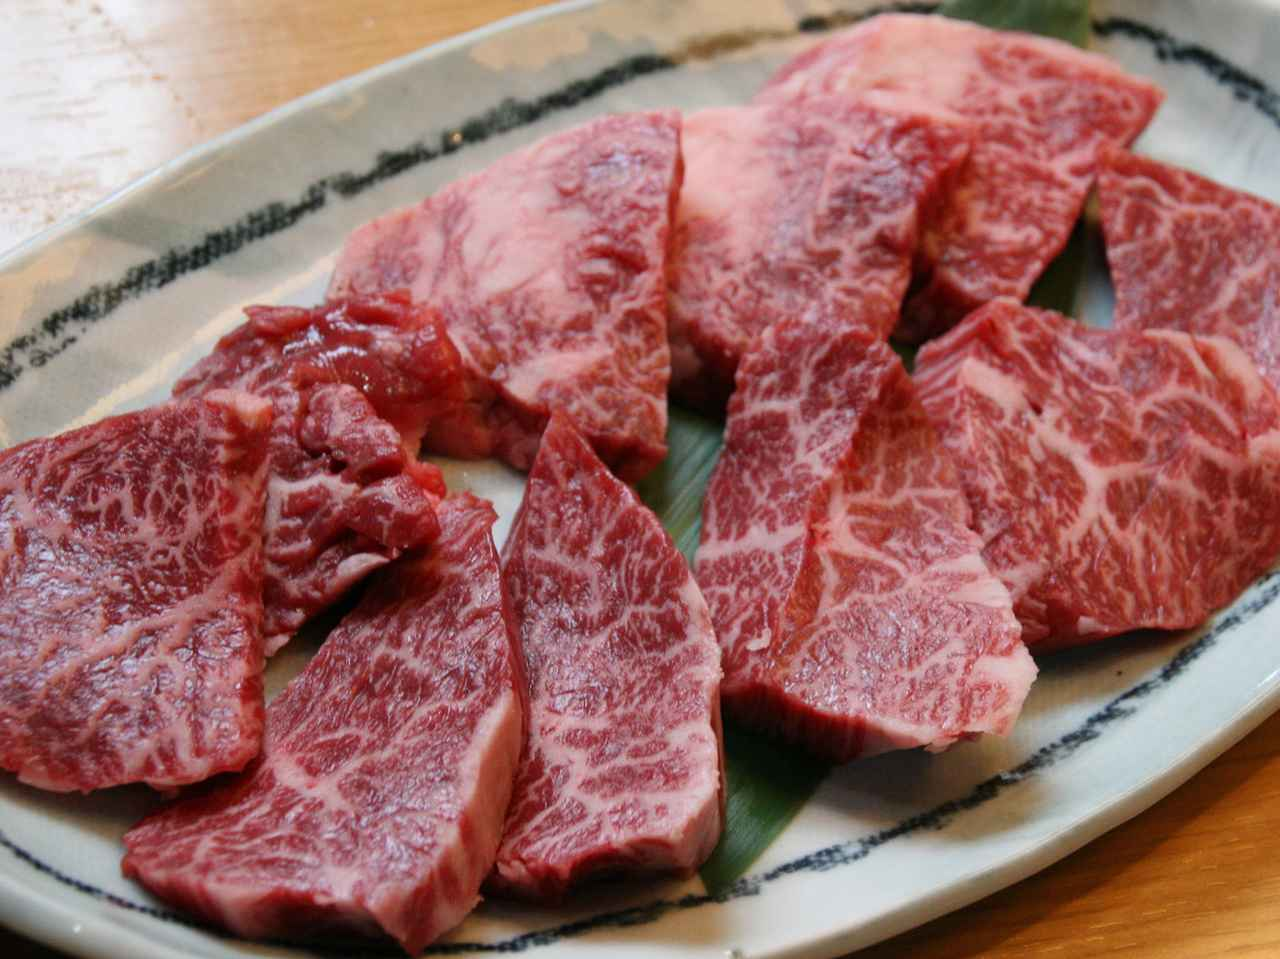 画像: 和牛サガリ(道内産)。しっとりとした食感と爽やかな旨みが楽しめる